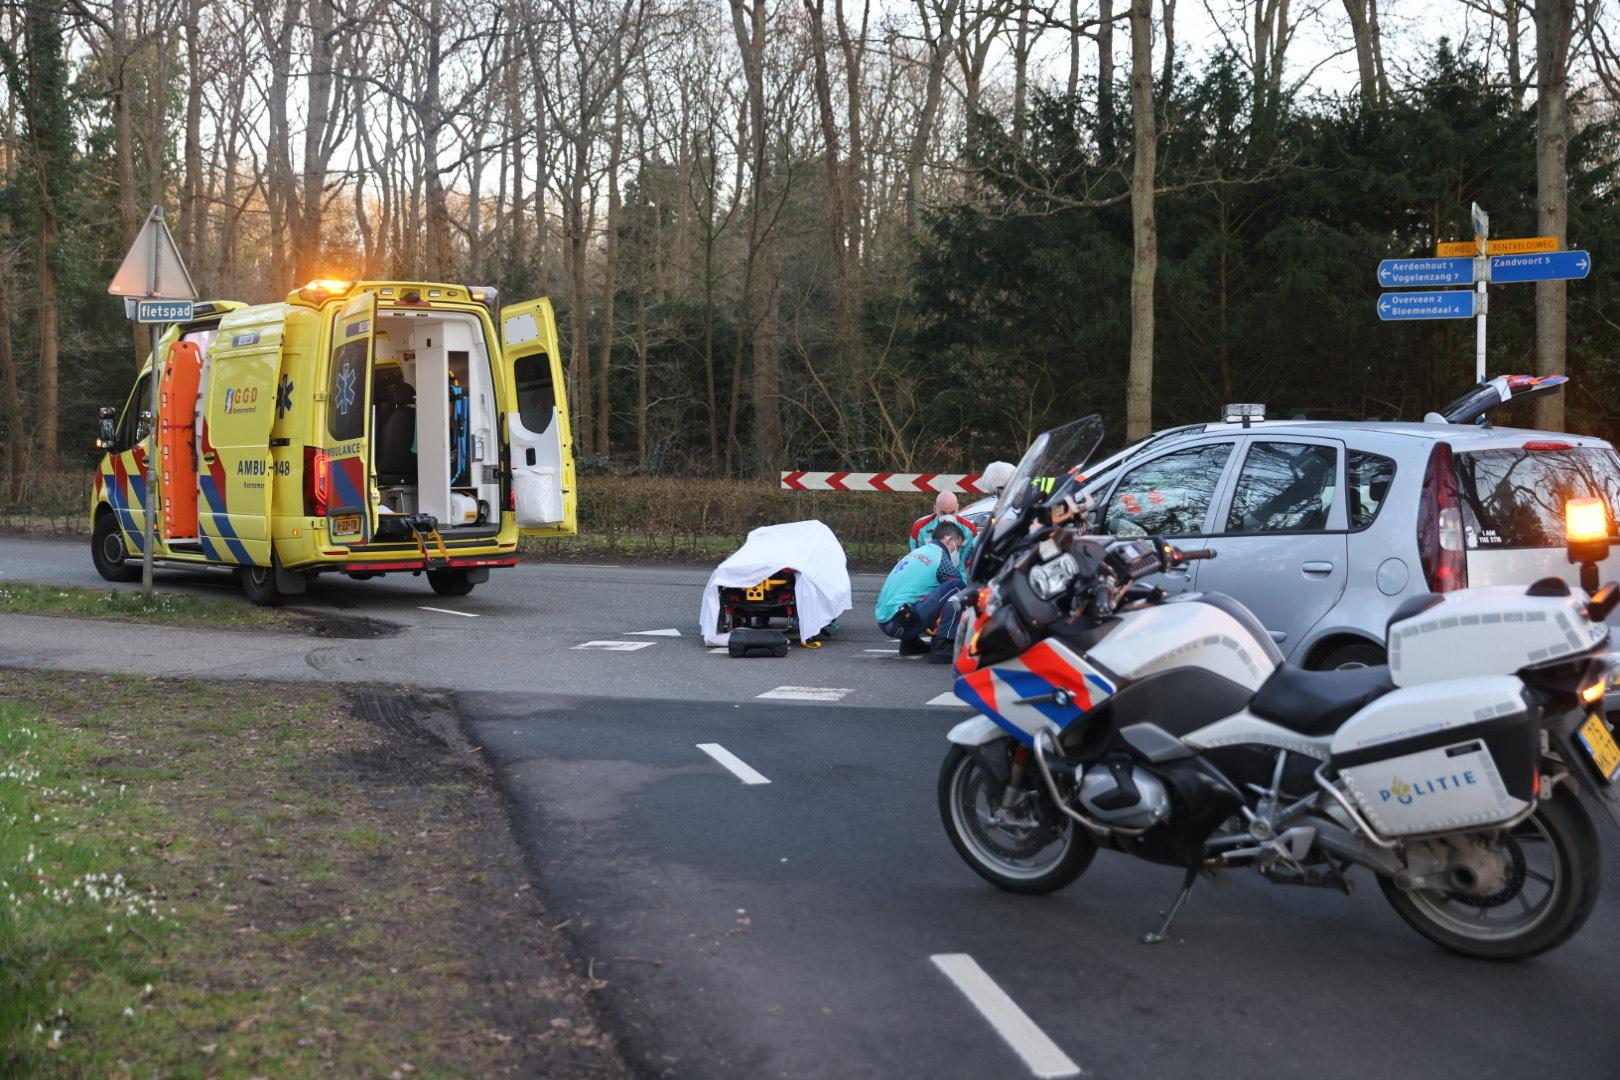 Fietser met spoed naar ziekenhuis na botsing met auto in Overveen